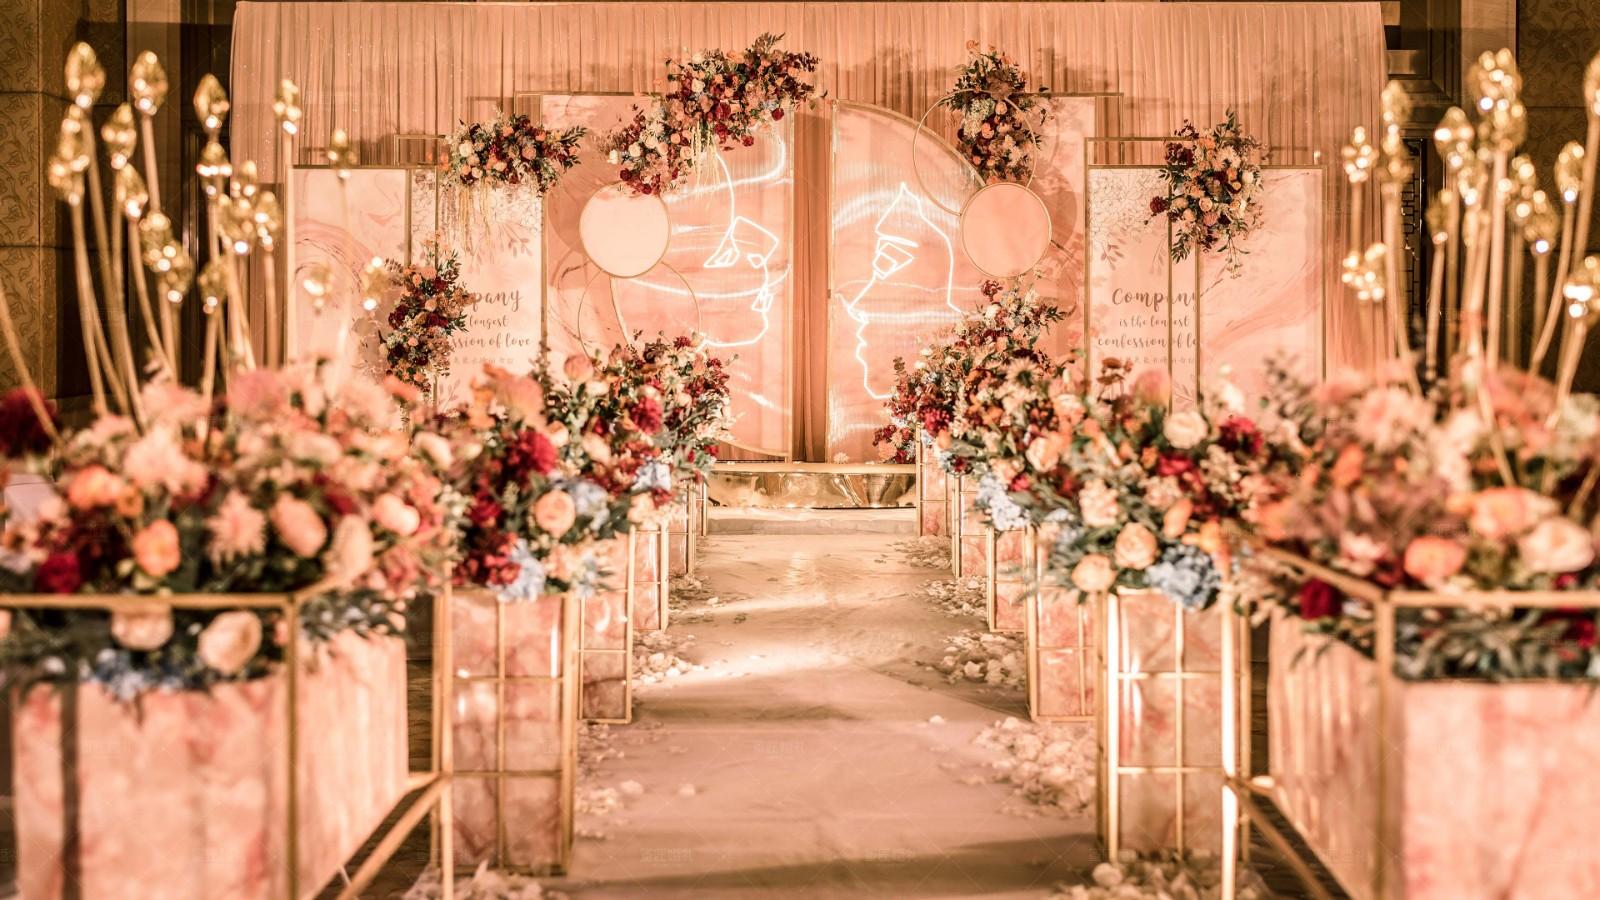 浪漫创意婚礼现场布置 有创意的婚礼现场布置方案